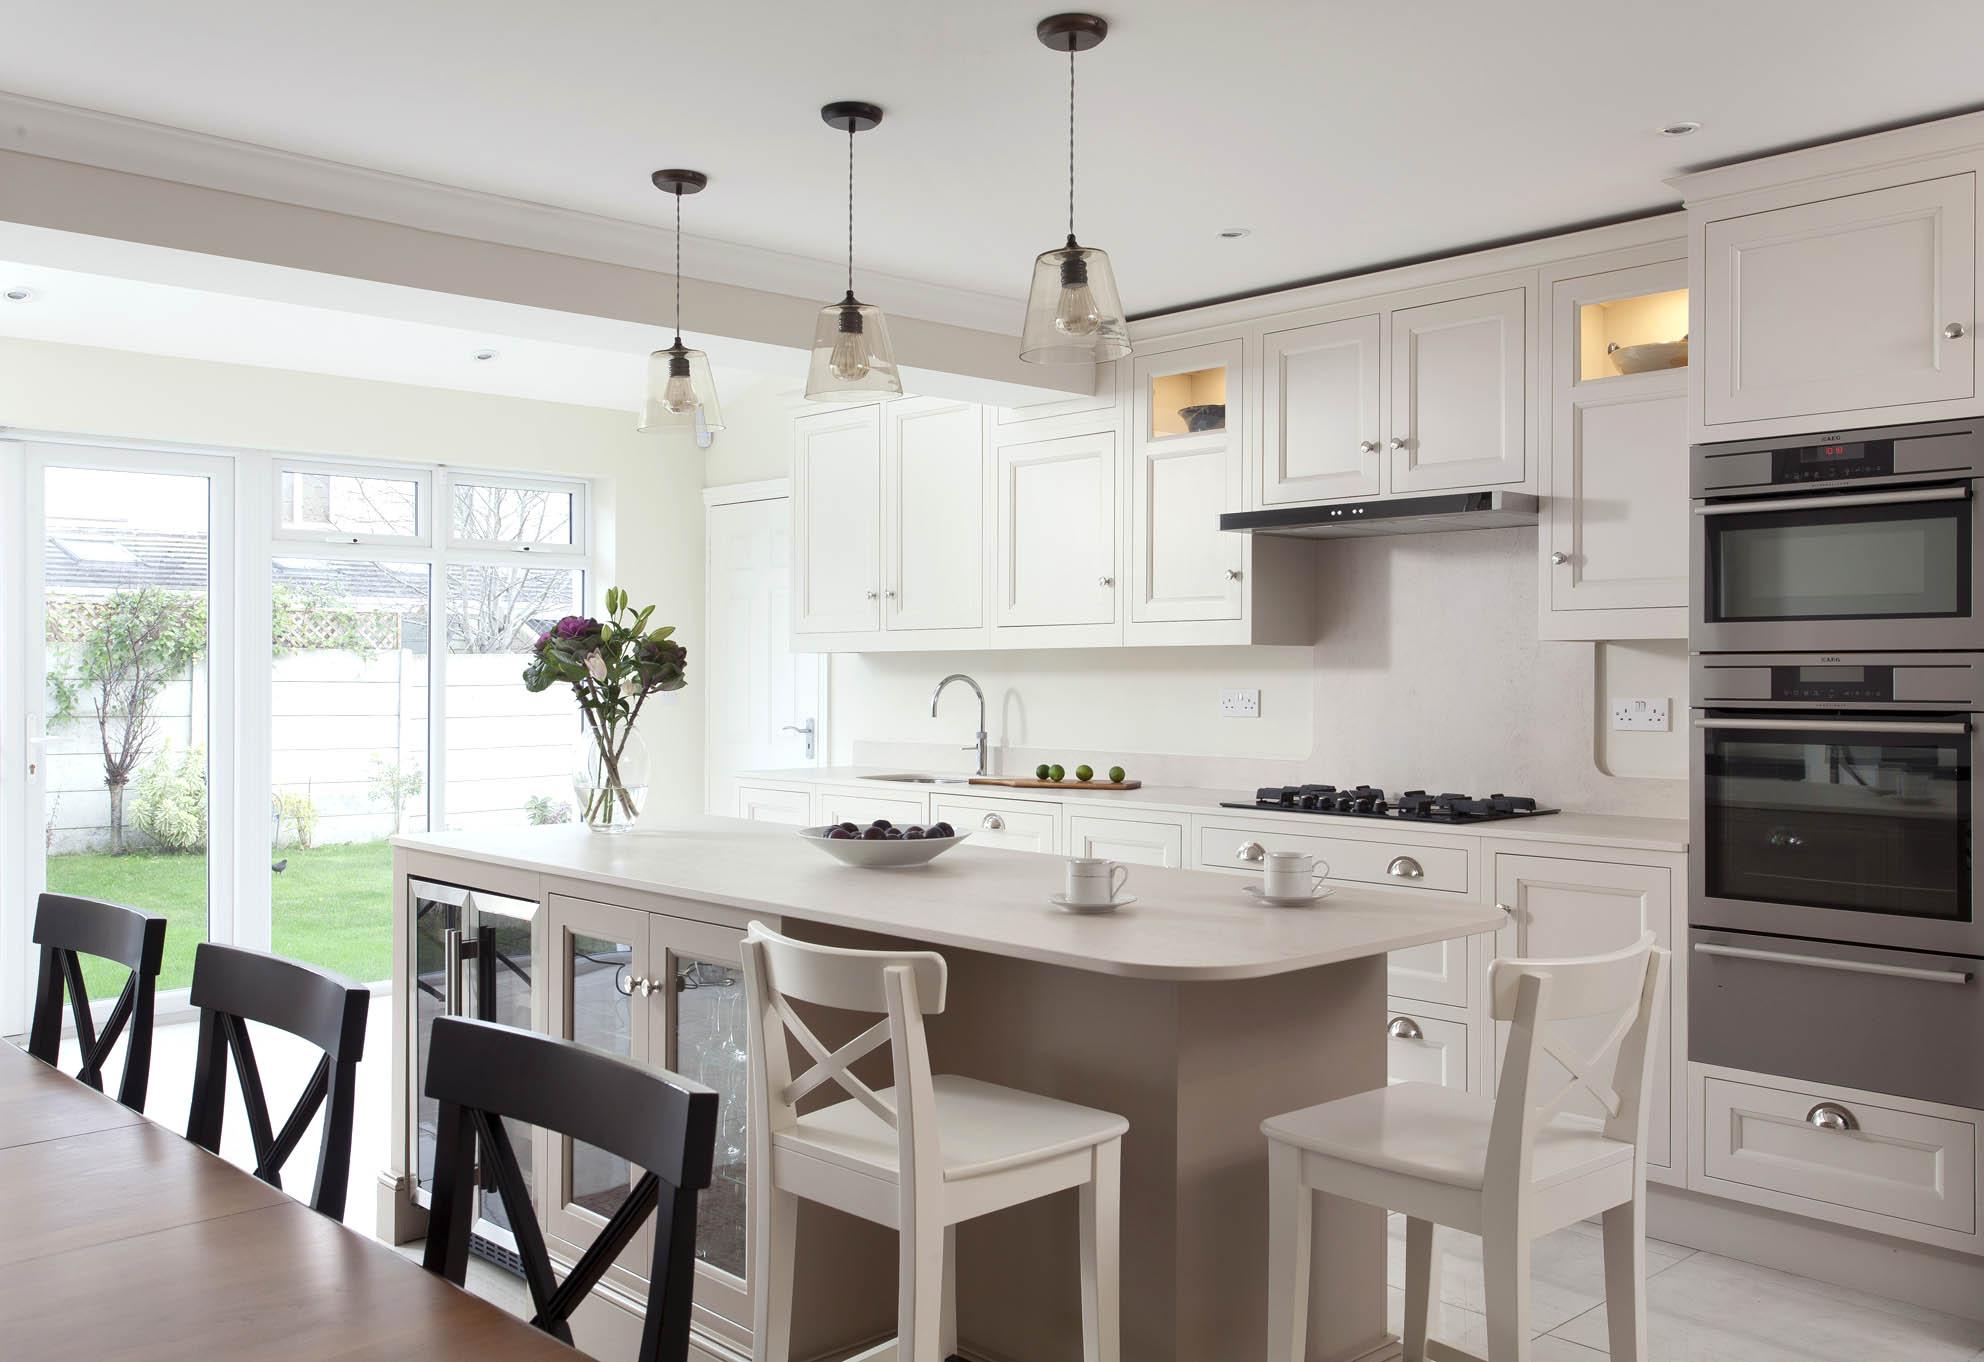 Dillons-køkkener-hjem-2